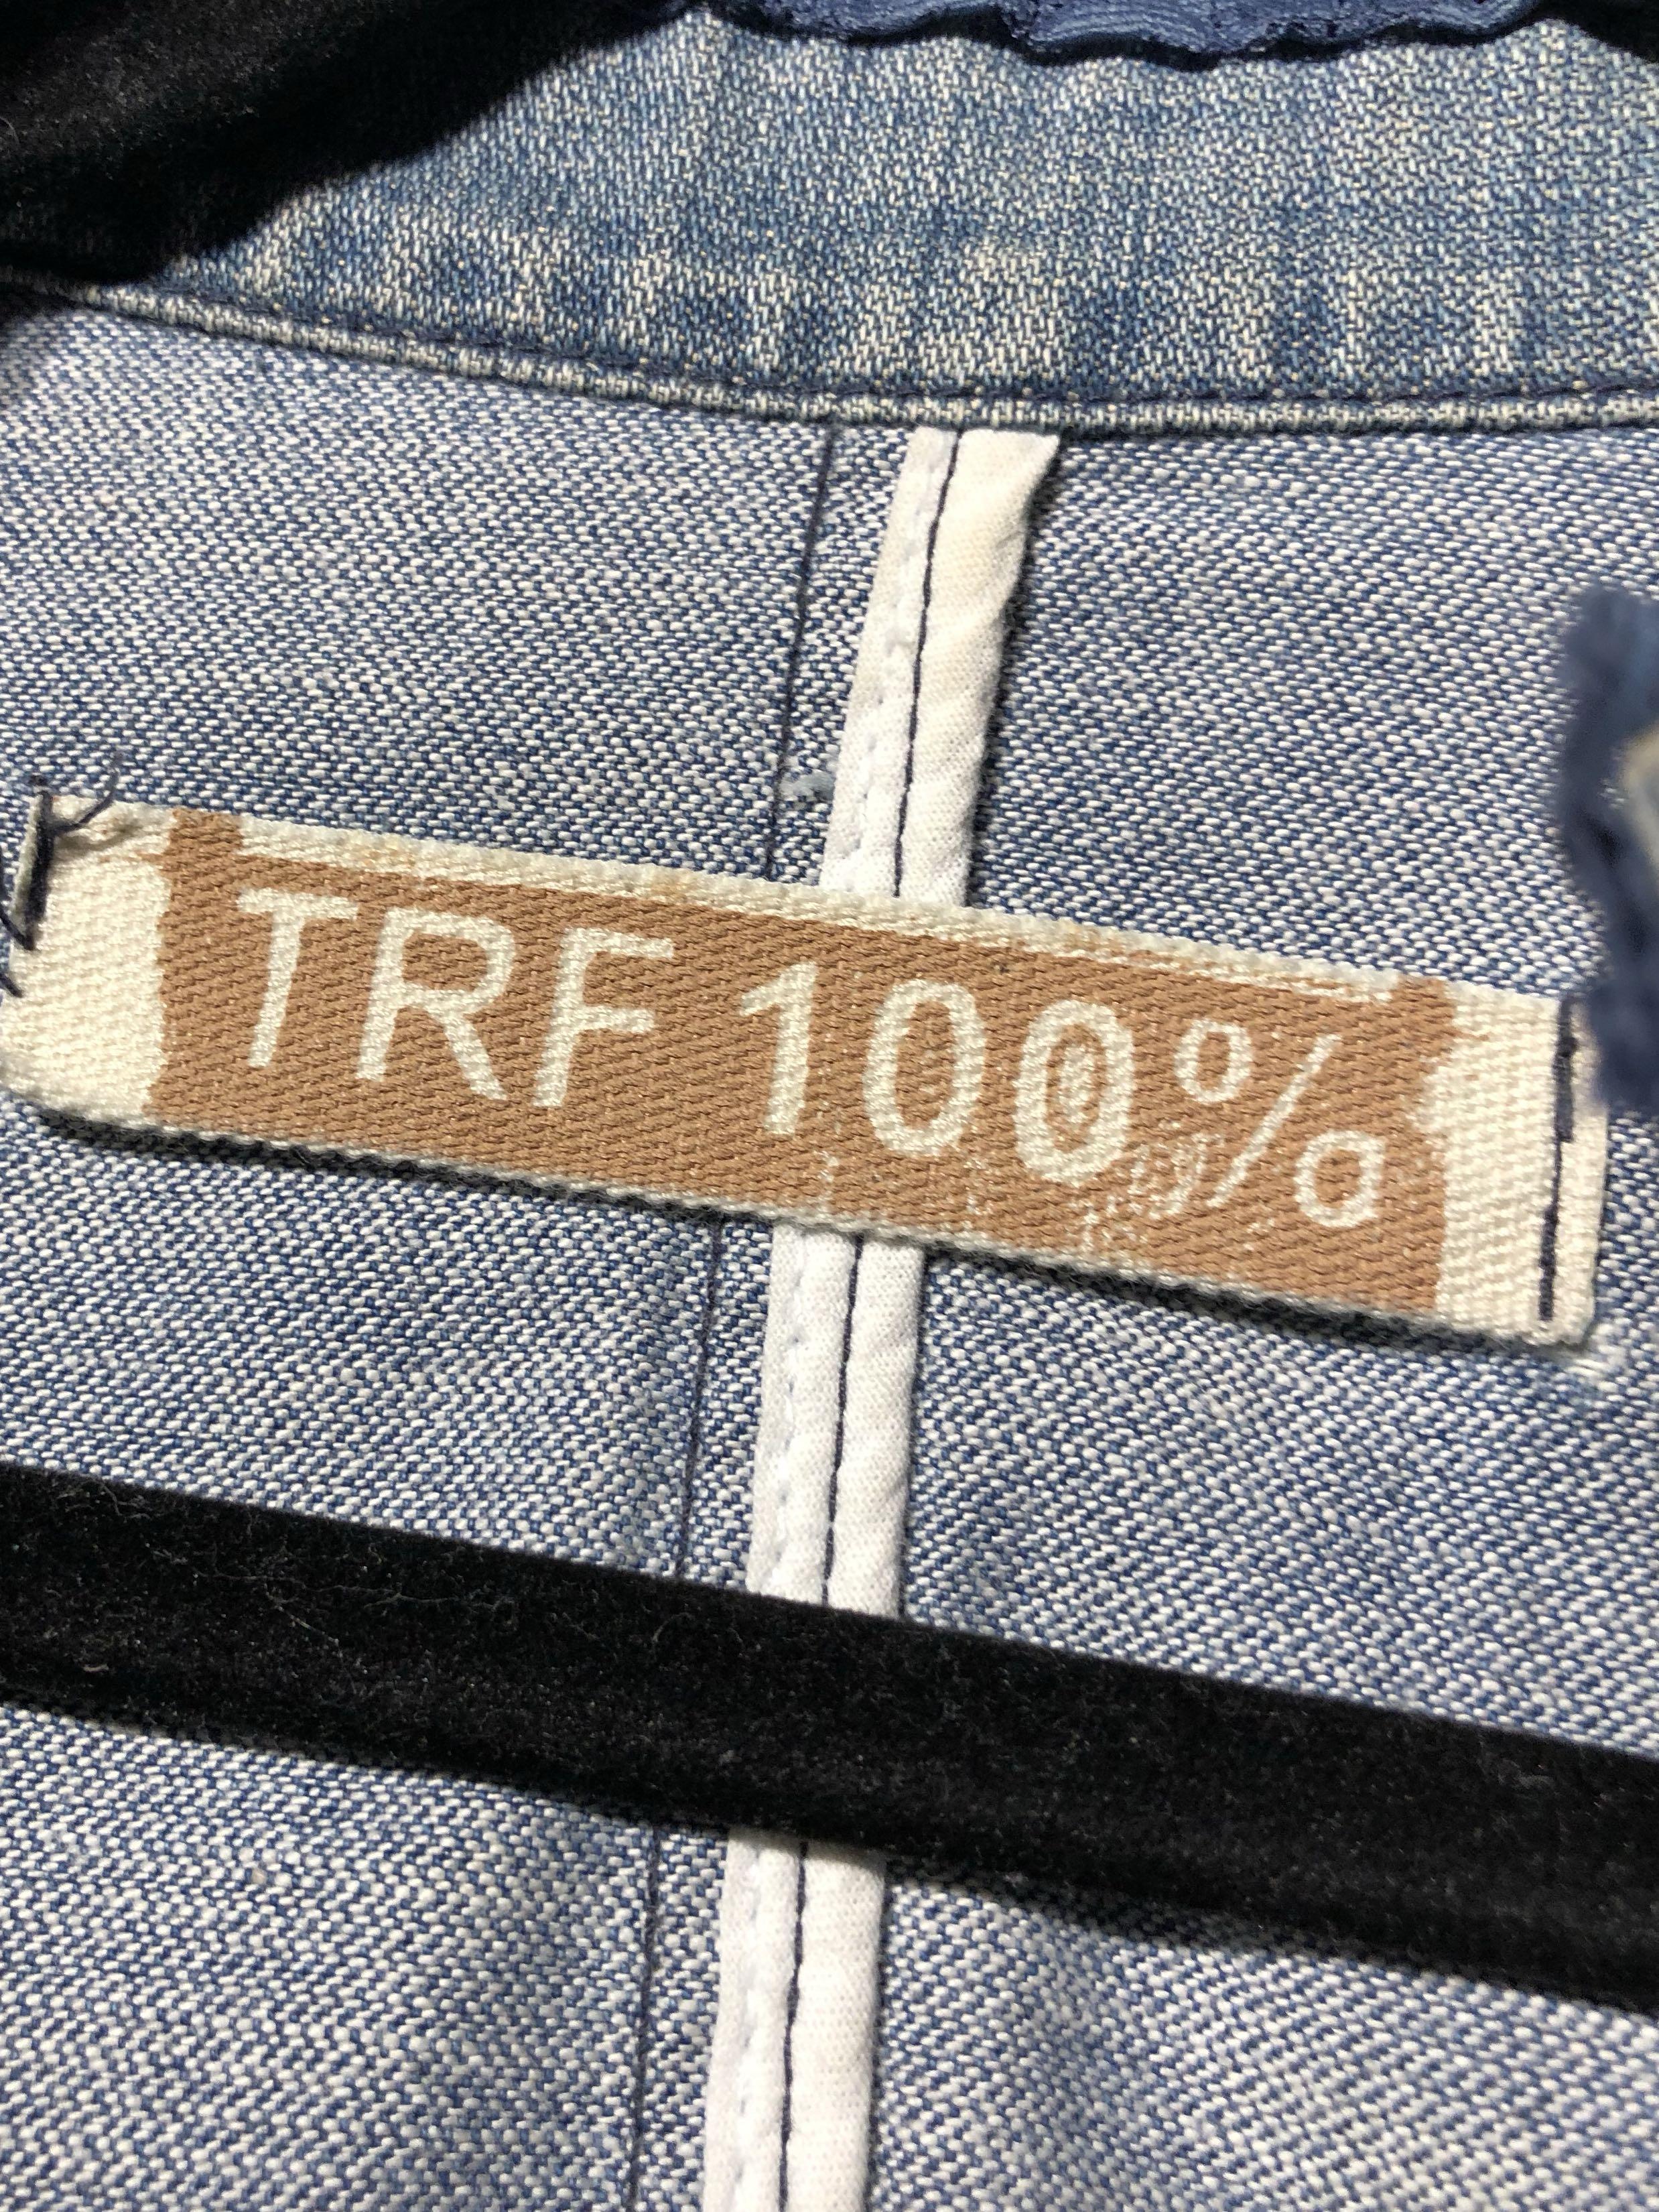 ZARA TRF Denim Jacket Size Small